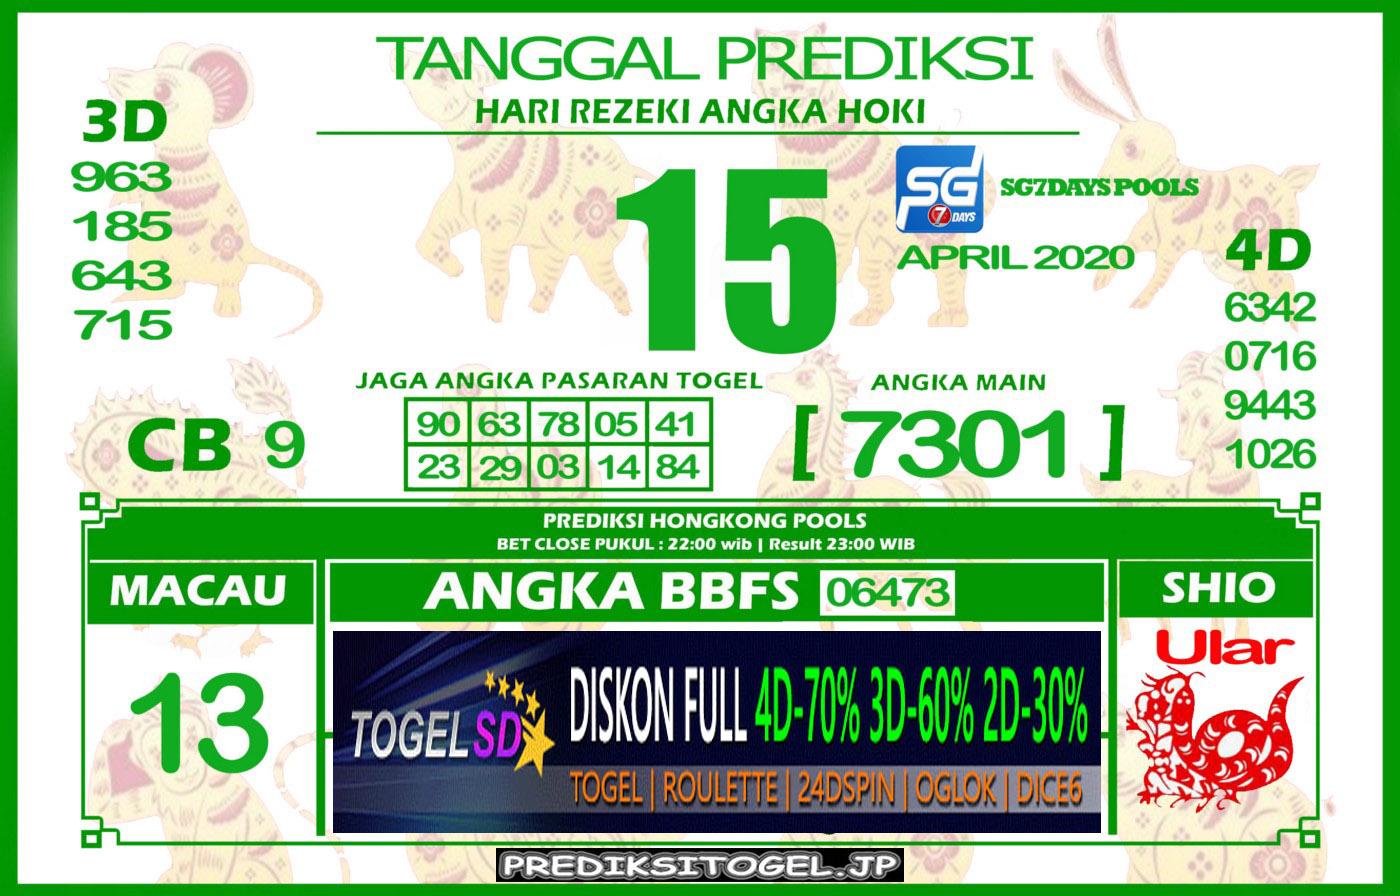 Prediksi HK Rabu 14 April 2020 - Prediksi Togel SD